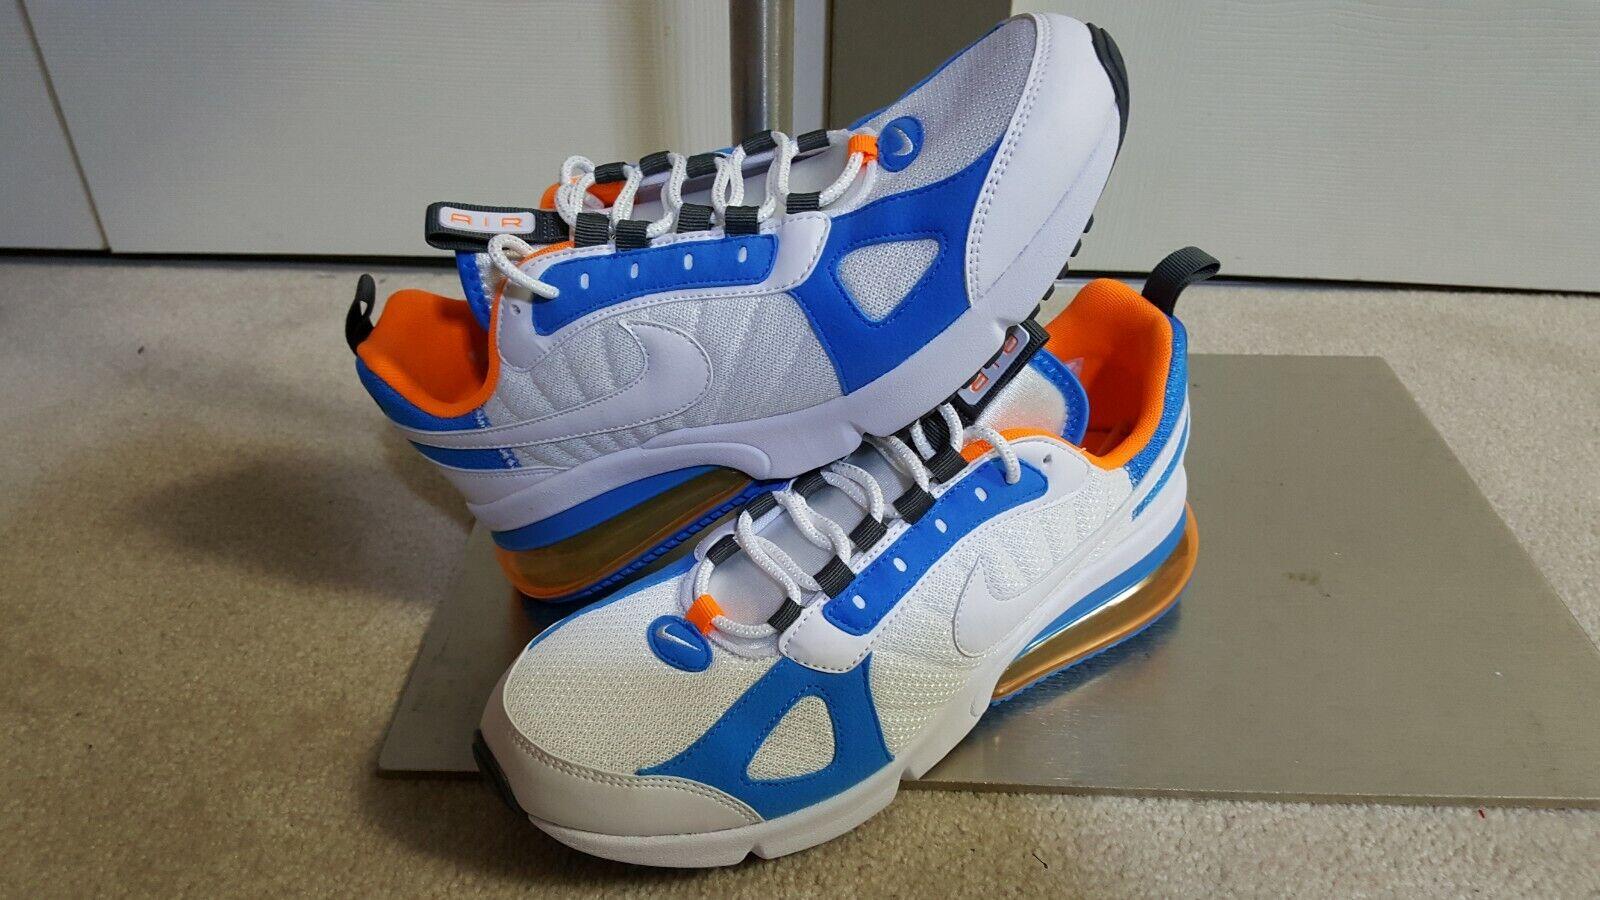 New Men NIKE AIR MAX 270 FUTURA low top running sneakers Size 9.5